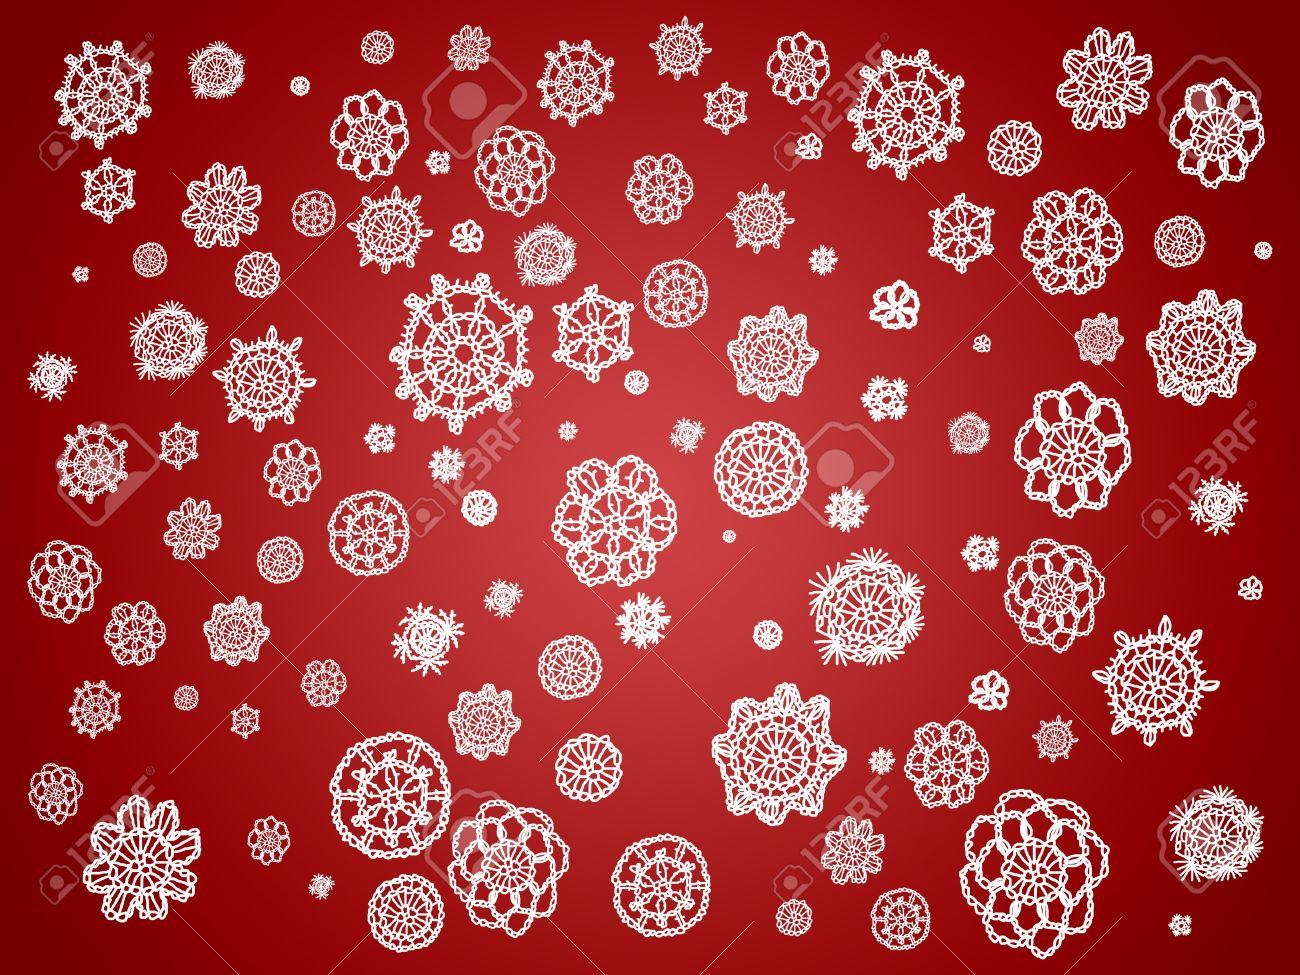 Romantique De Noel De Cru Papier Peint En Rouge Et Blanc Avec Des